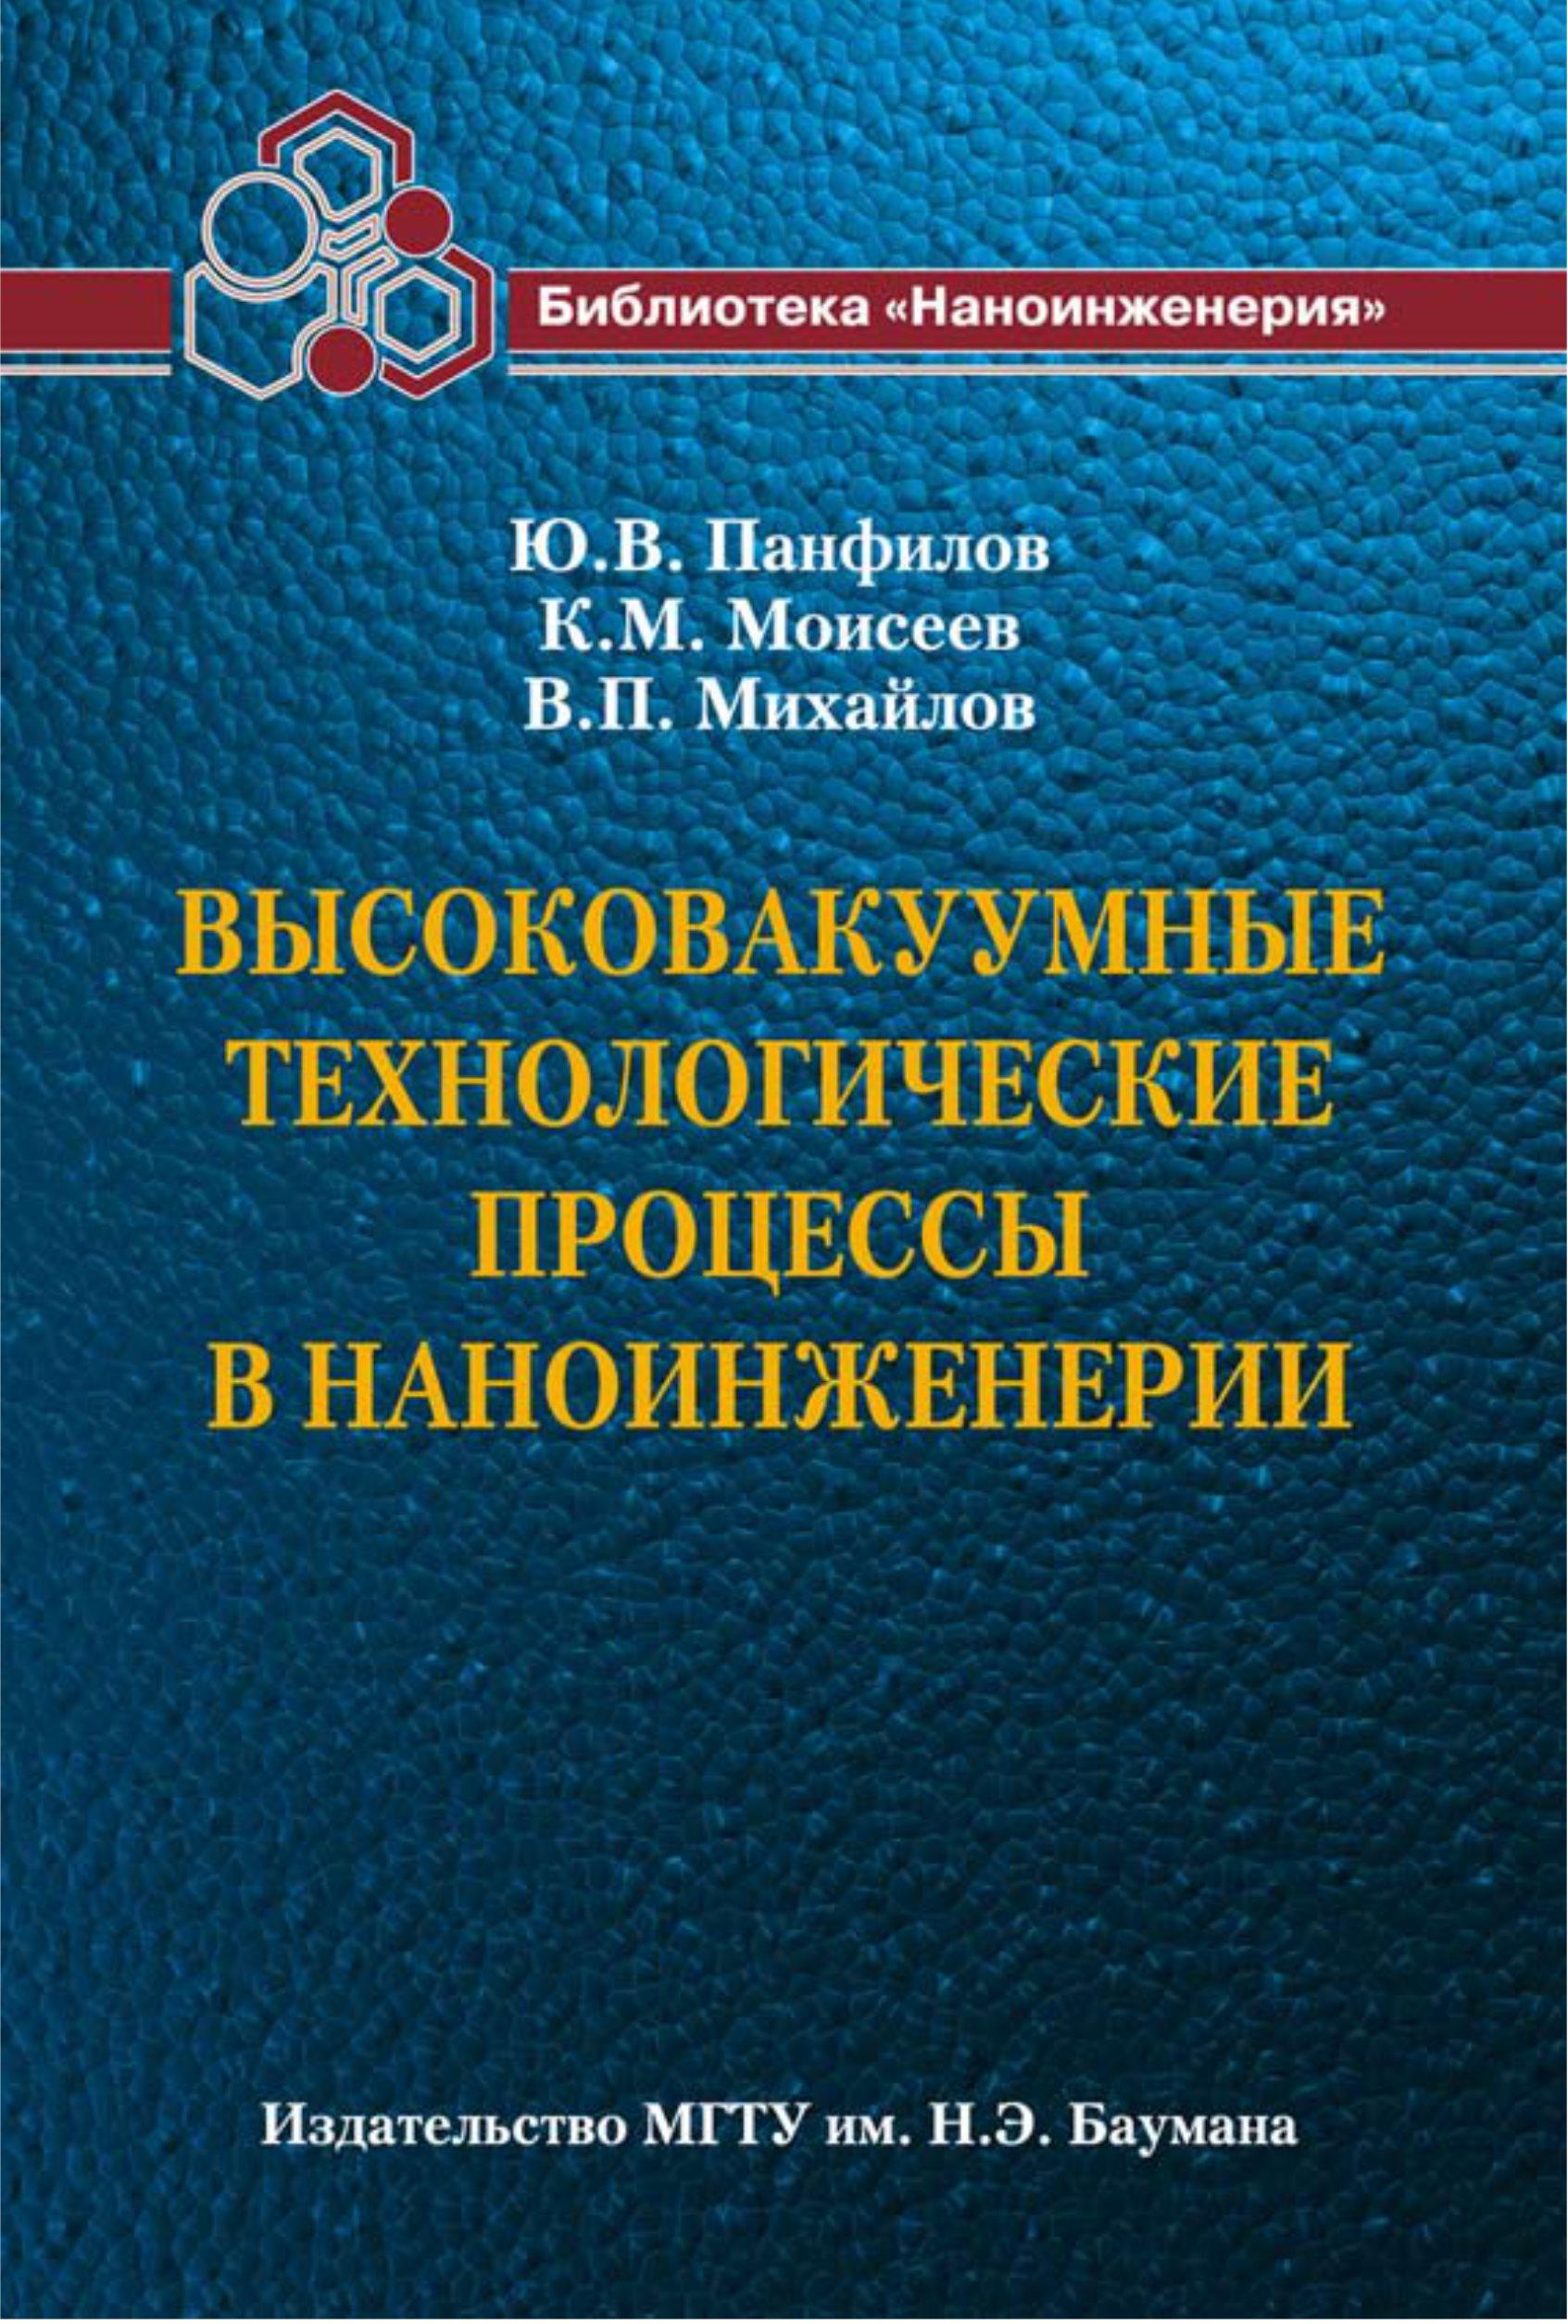 Валерий Михайлов Высоковакуумные технологические процессы в наноинженерии